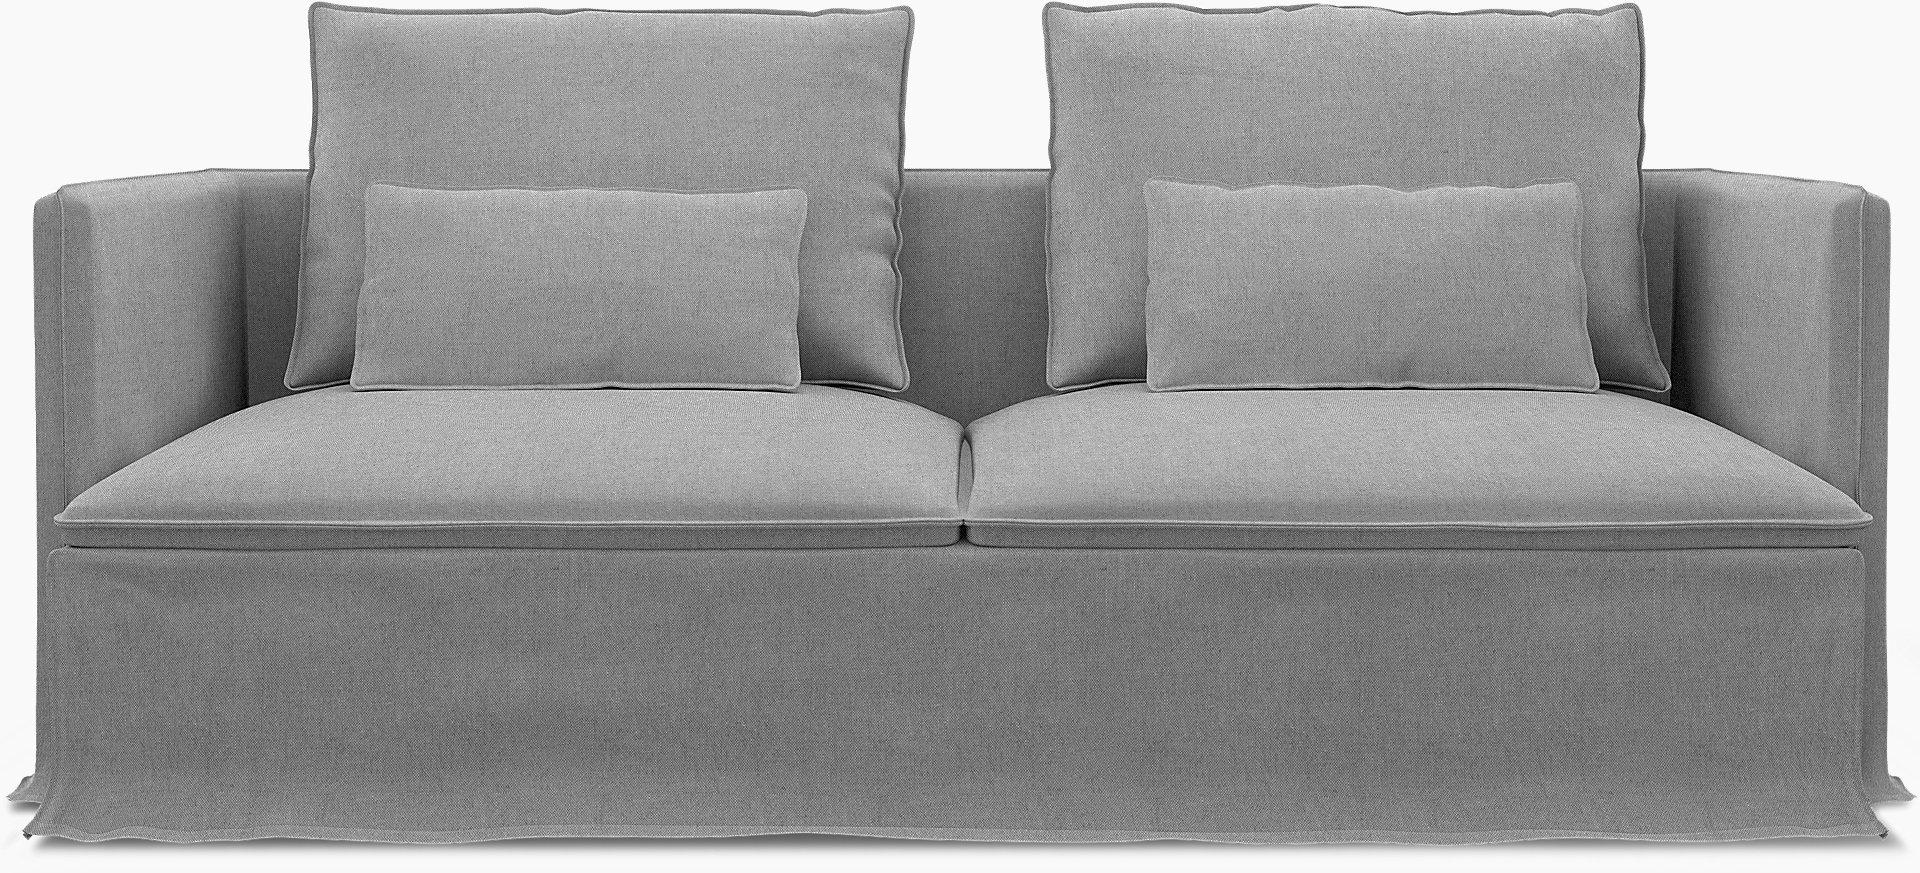 Full Size of Sofa Bezug Mit Bettfunktion Delife Grün Indomo Hülsta Esstisch Auf Raten 3 Sitzer Grau Led Kleines Togo L Form U Xxl Hay Mags Bunt Wohnzimmer Baxter Sitzsack Sofa Sofa Bezug